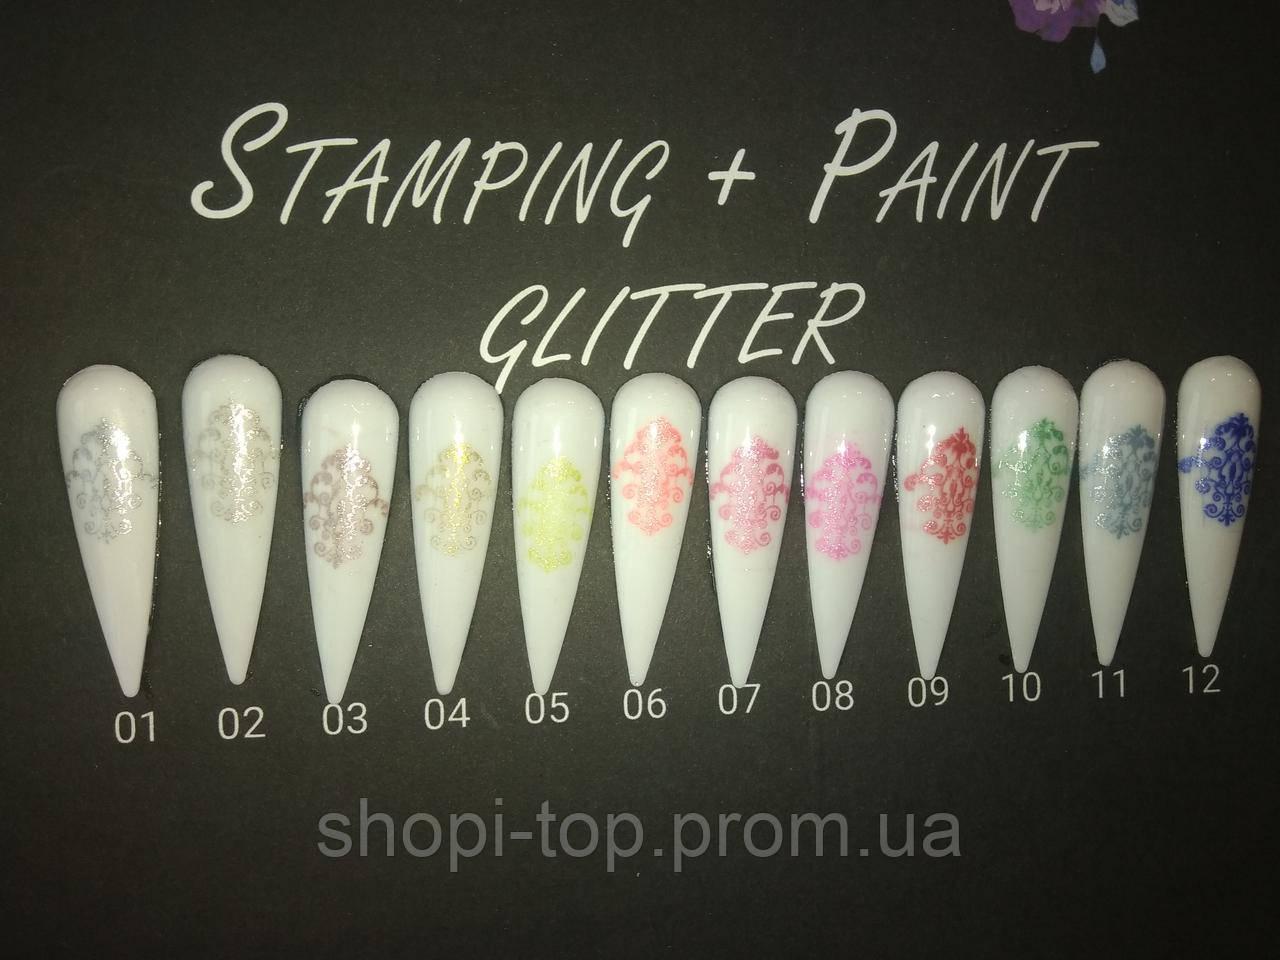 Гель-краска с глиттером для дизайна ногтей и стемпинга 8 ml  Global Fashion,12 цветов